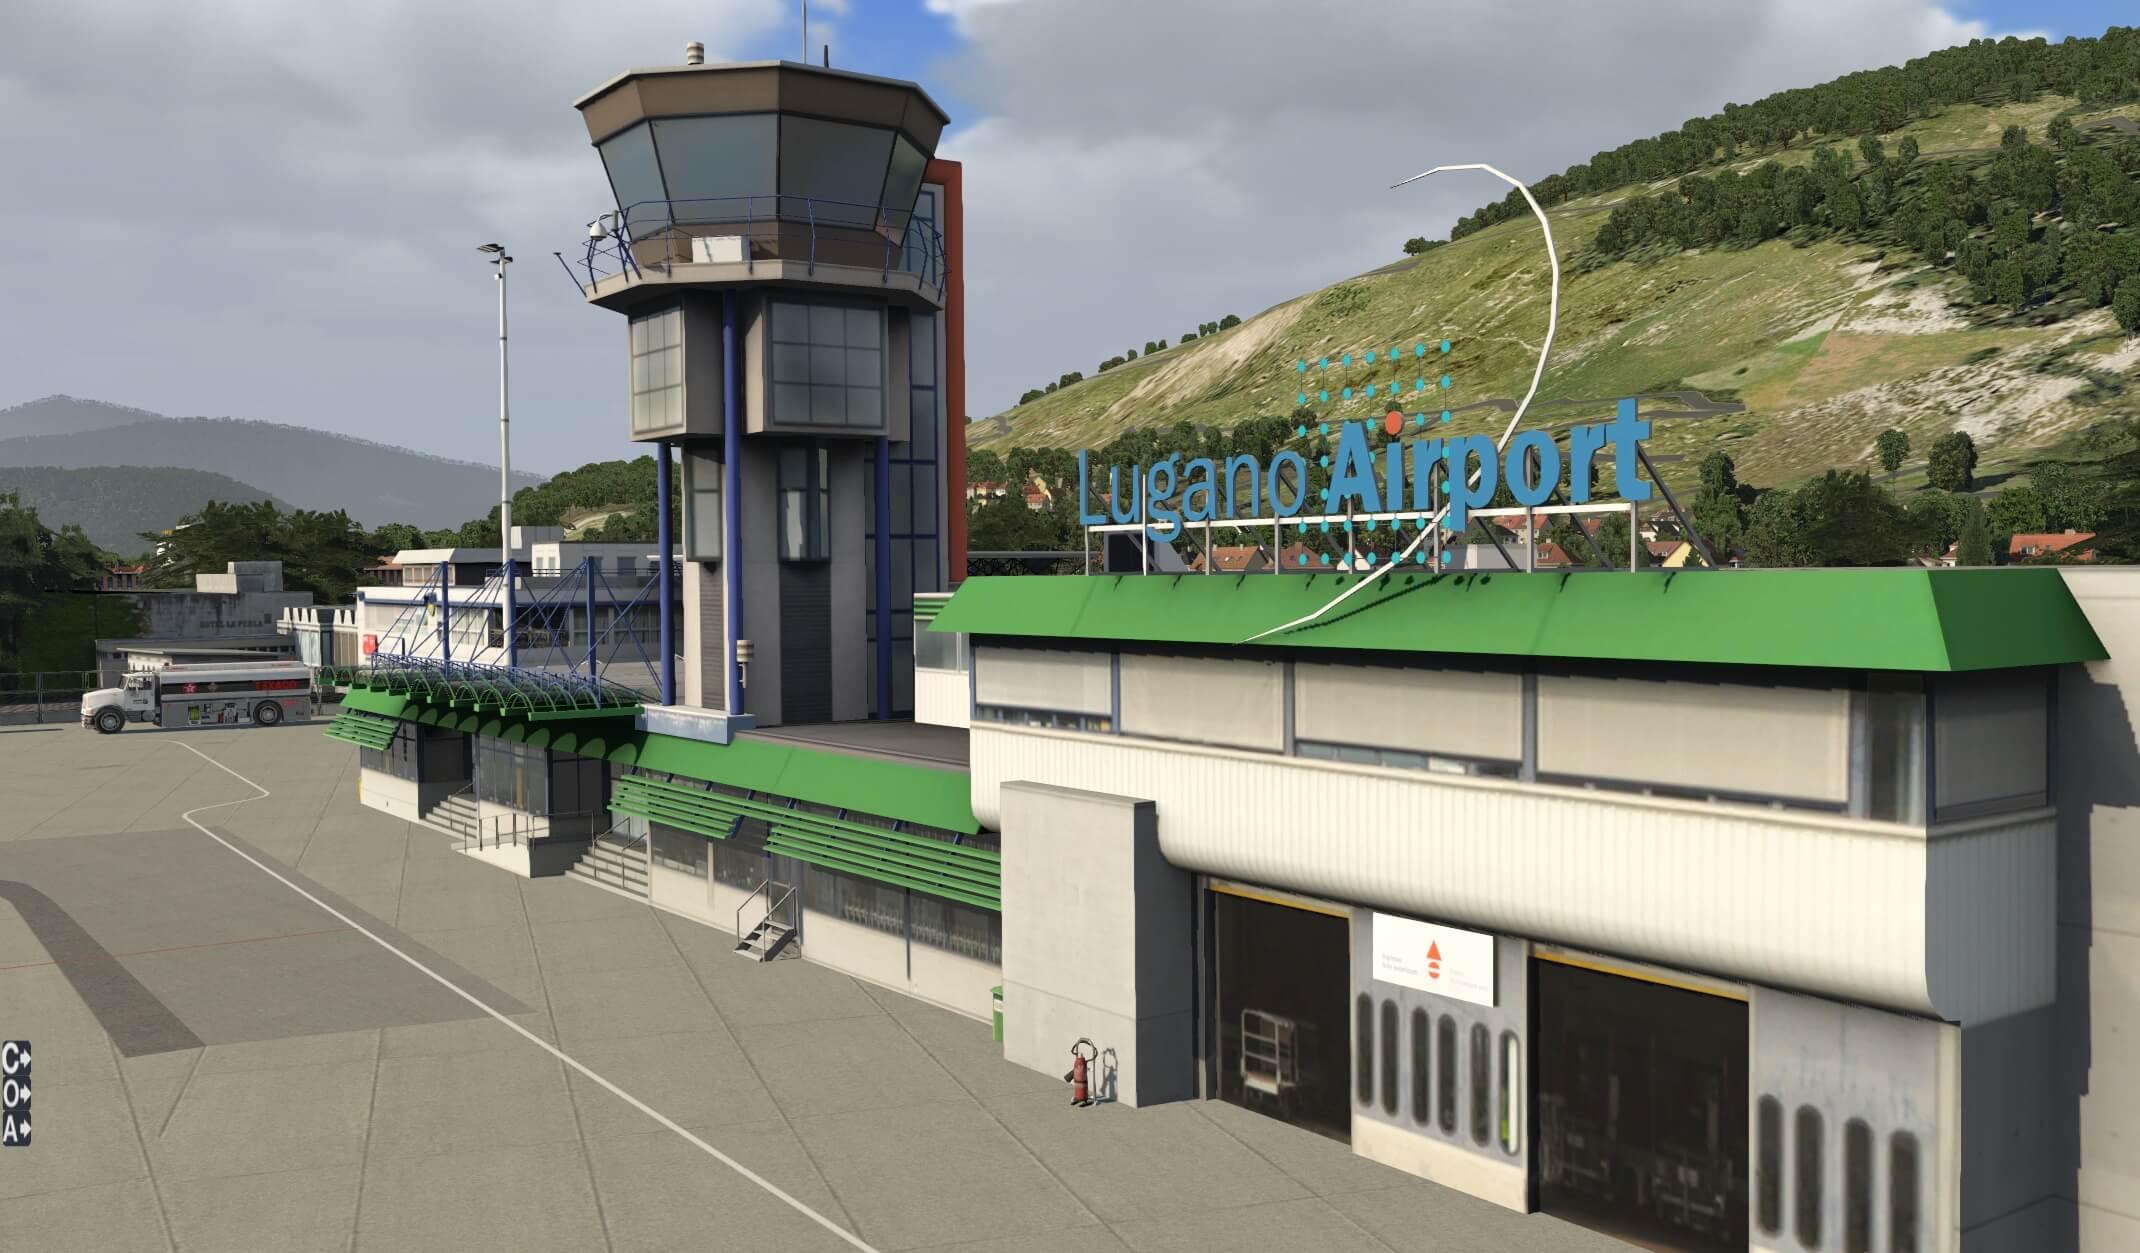 Aerosoft-Aeroporto-di-Lugano5